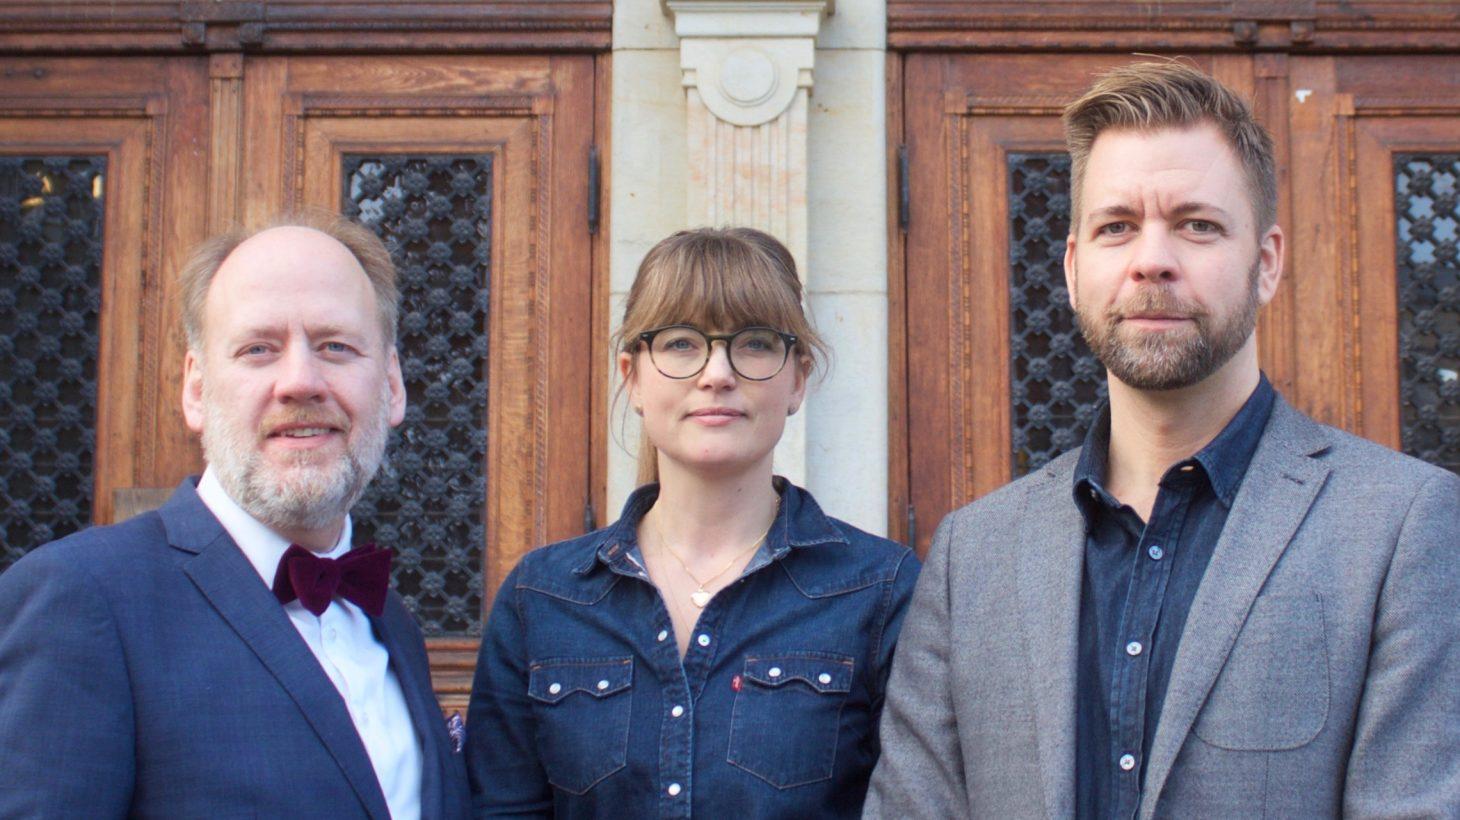 Björn Westerström, Lo Söllgård och Joakim Altervall framför porten på S:t Petri skola.